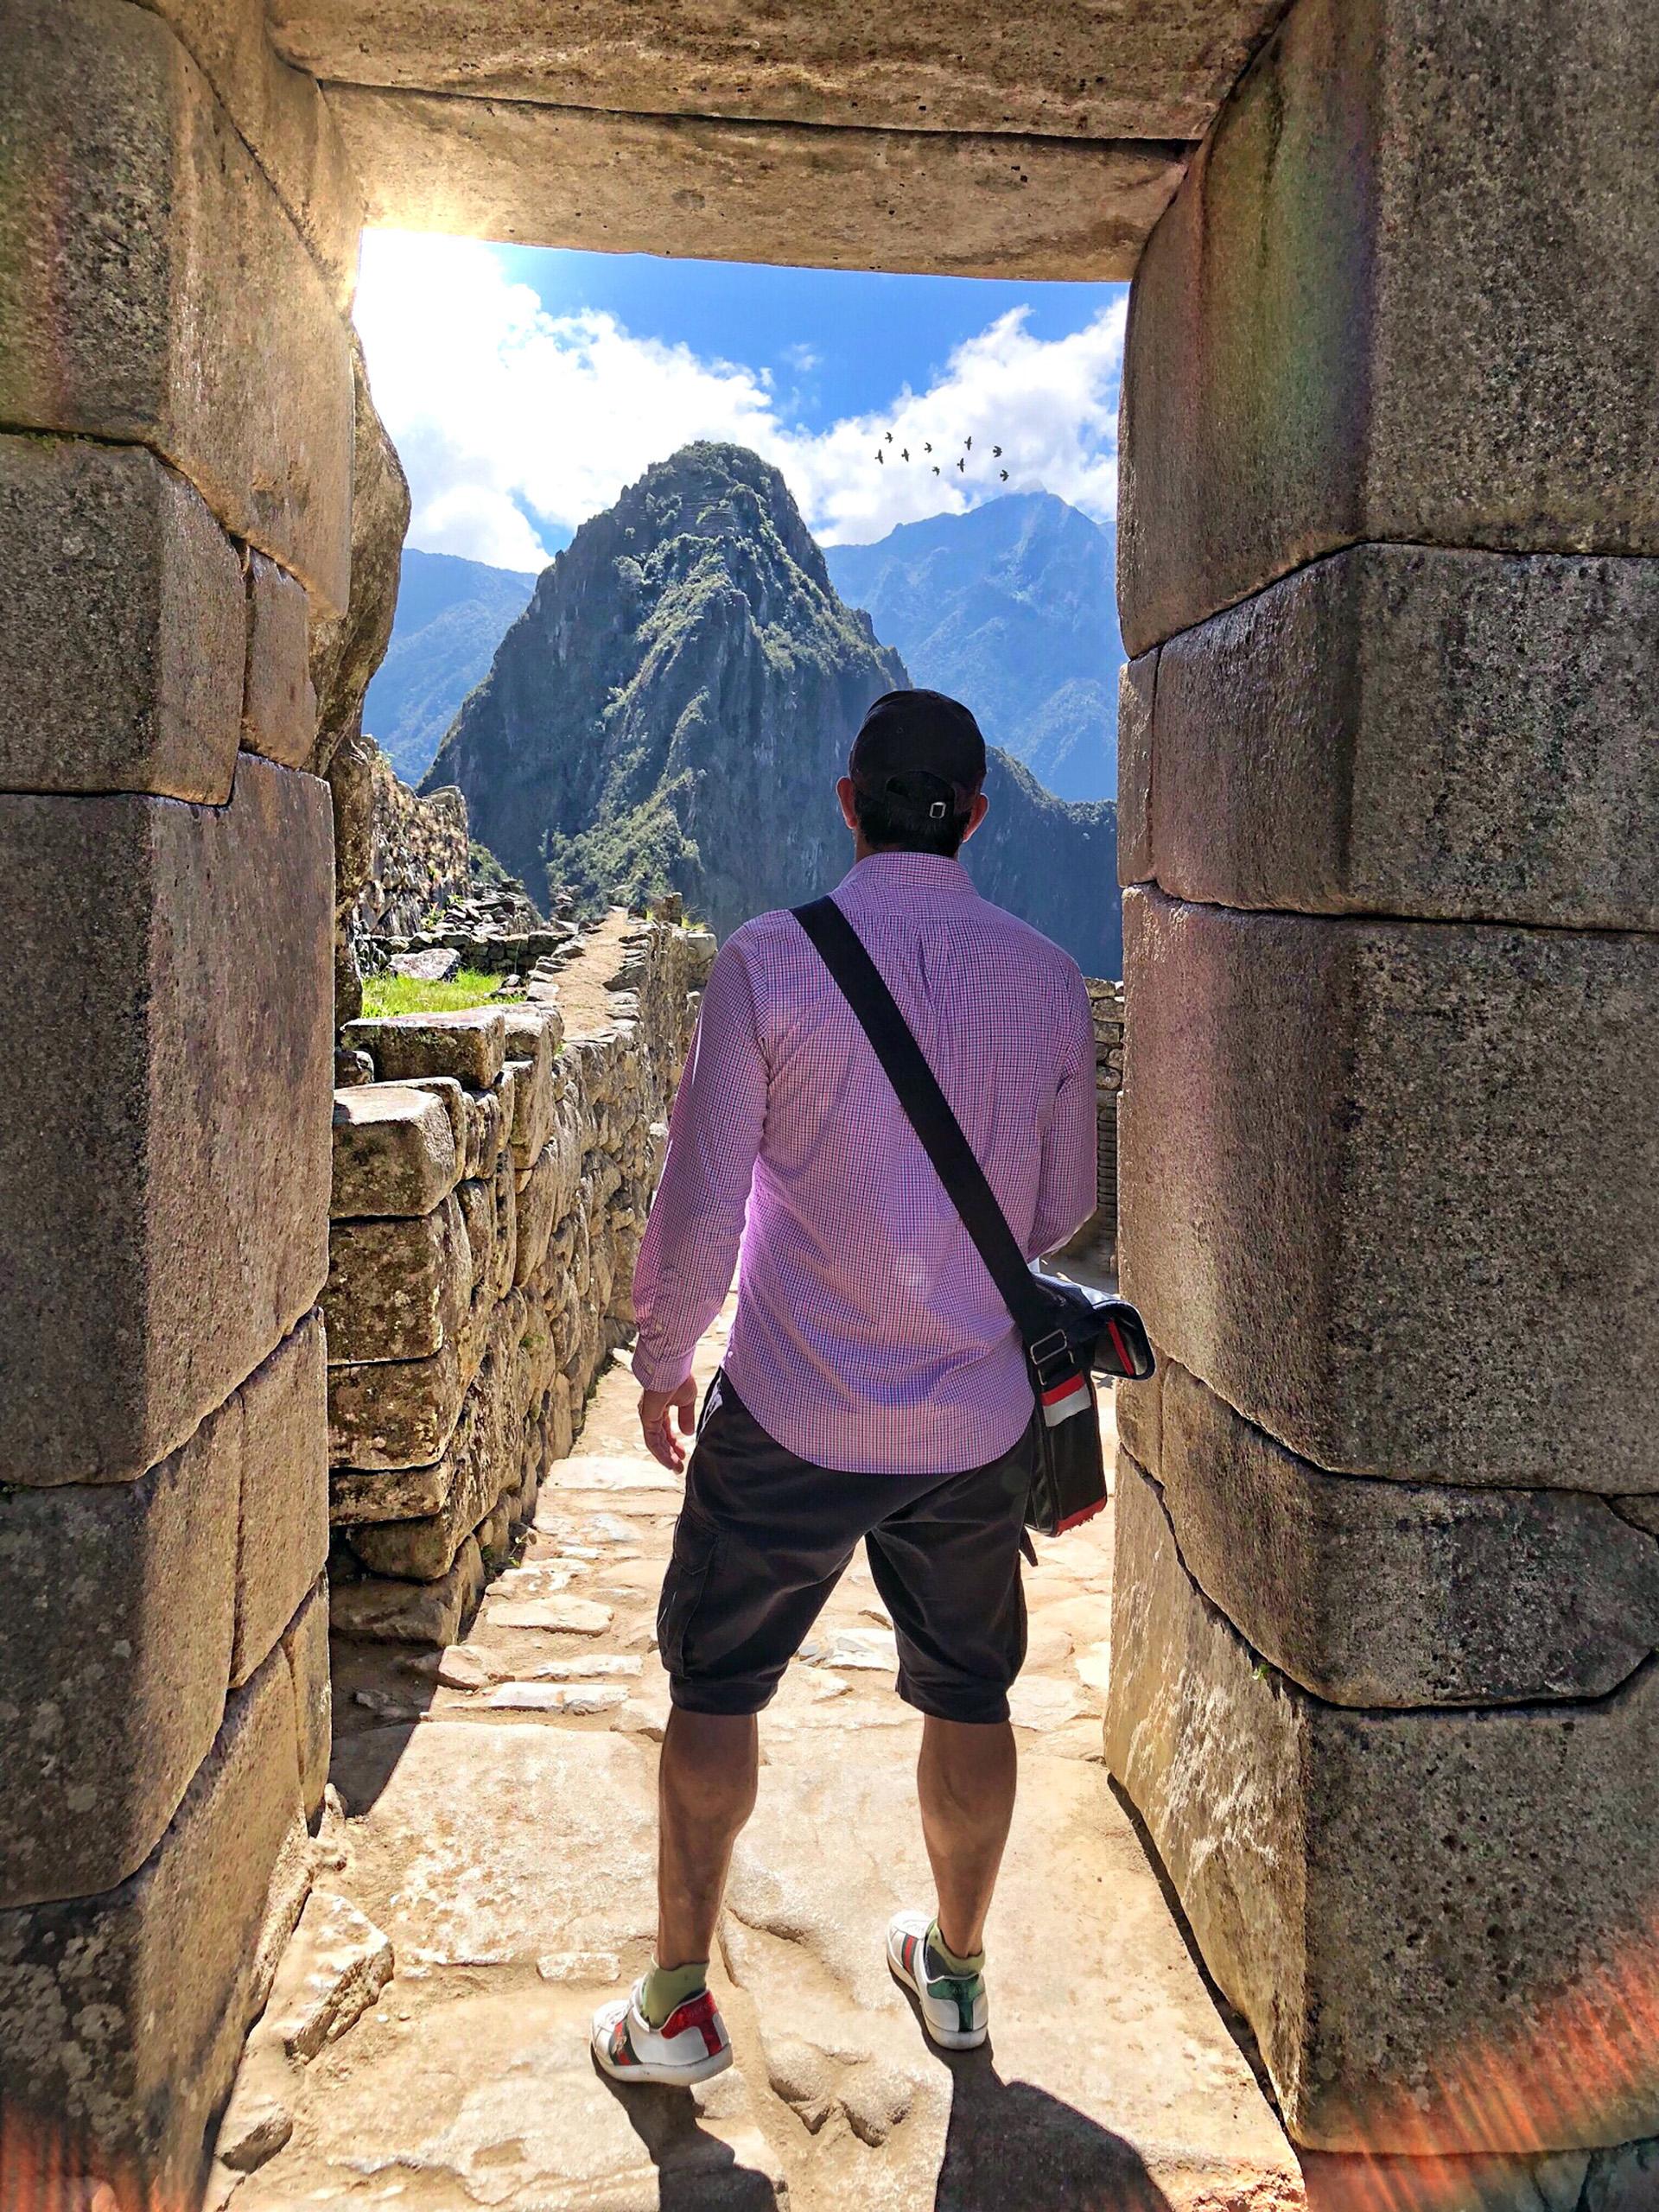 aguas calientes machu picchu pueblo perurail peru aguas calientes - aguas calientes machu picchu pueblo perurail peru 29 - Aguas Calientes, el extraño pueblo de Machu Picchu